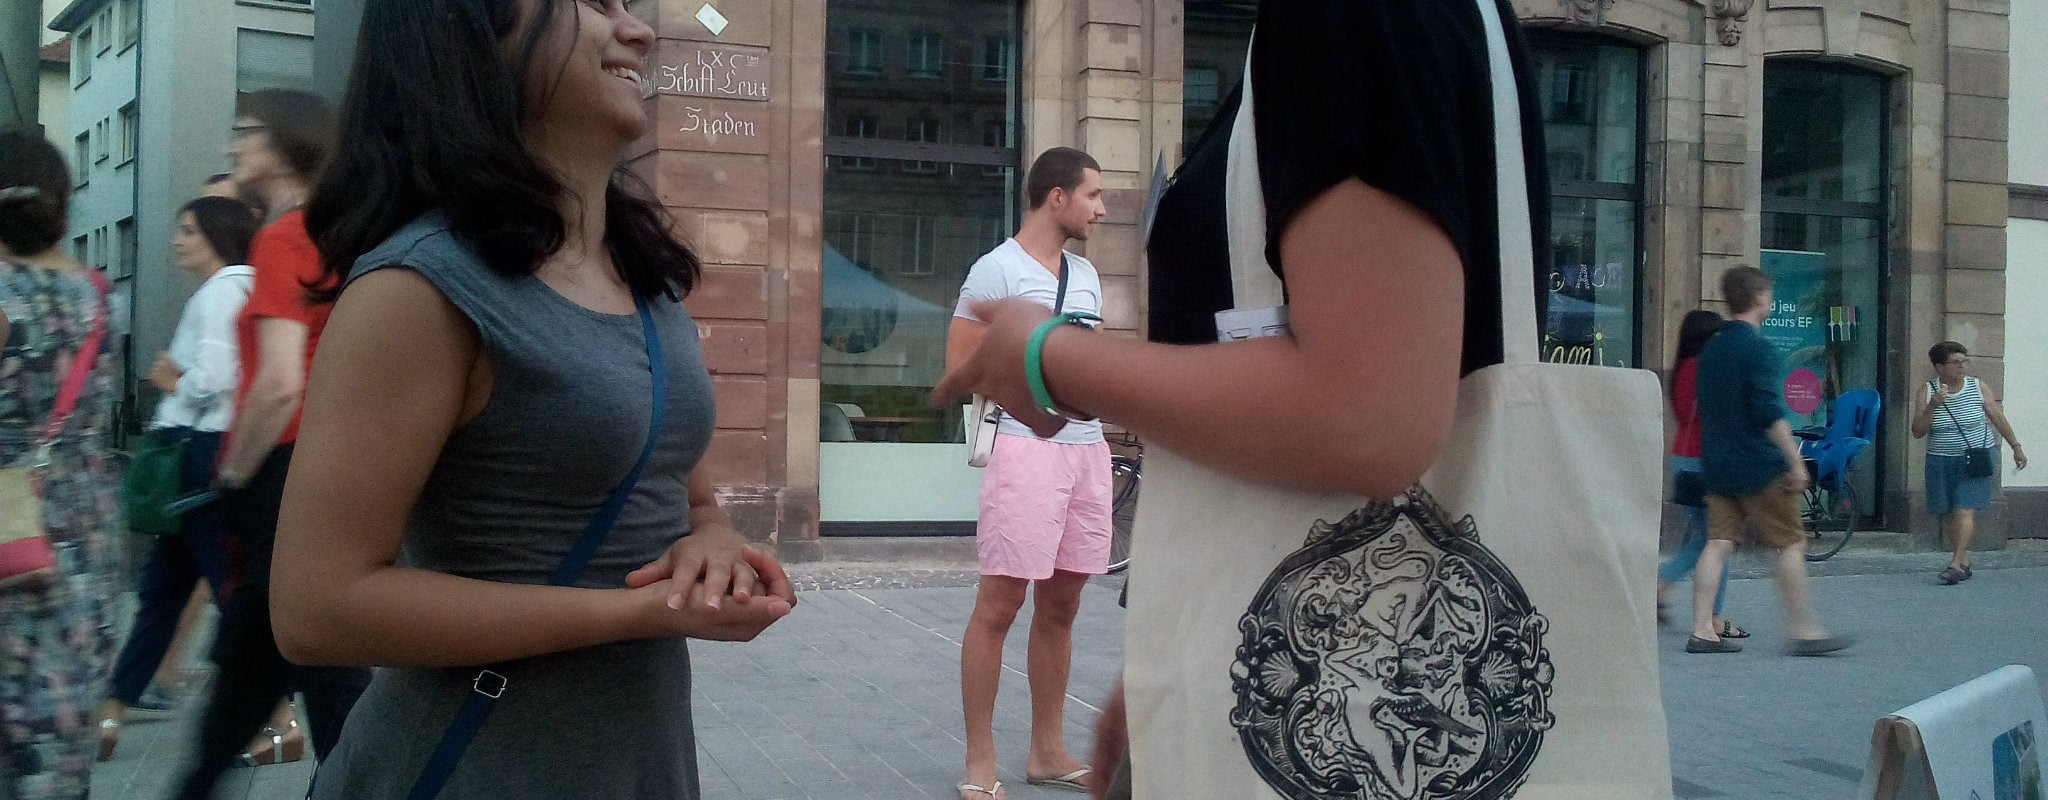 Avec Kilti, une Strasbourgeoise tente de vendre de la culture en paniers